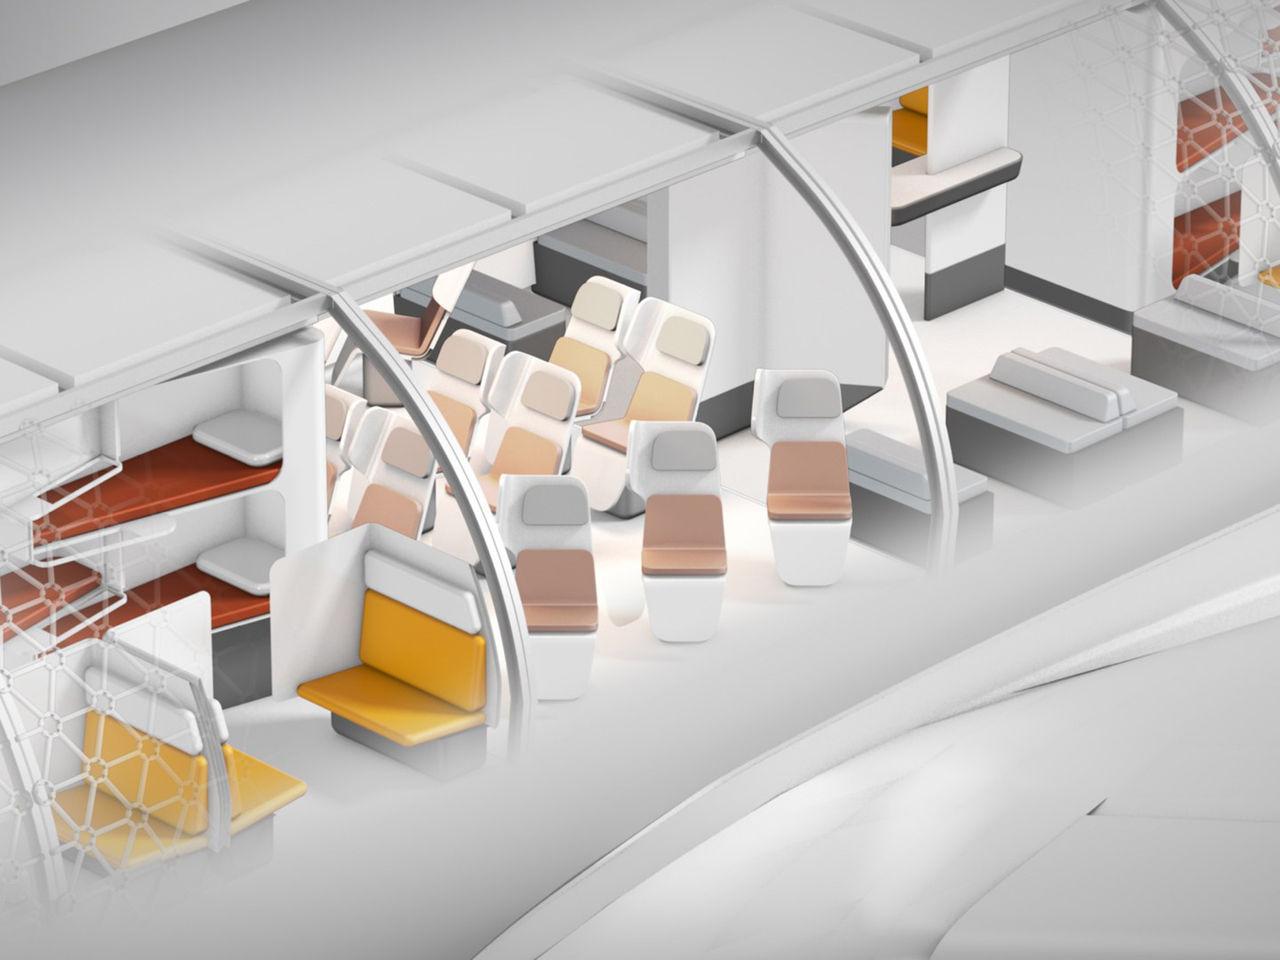 Modulär interiör i flygplan